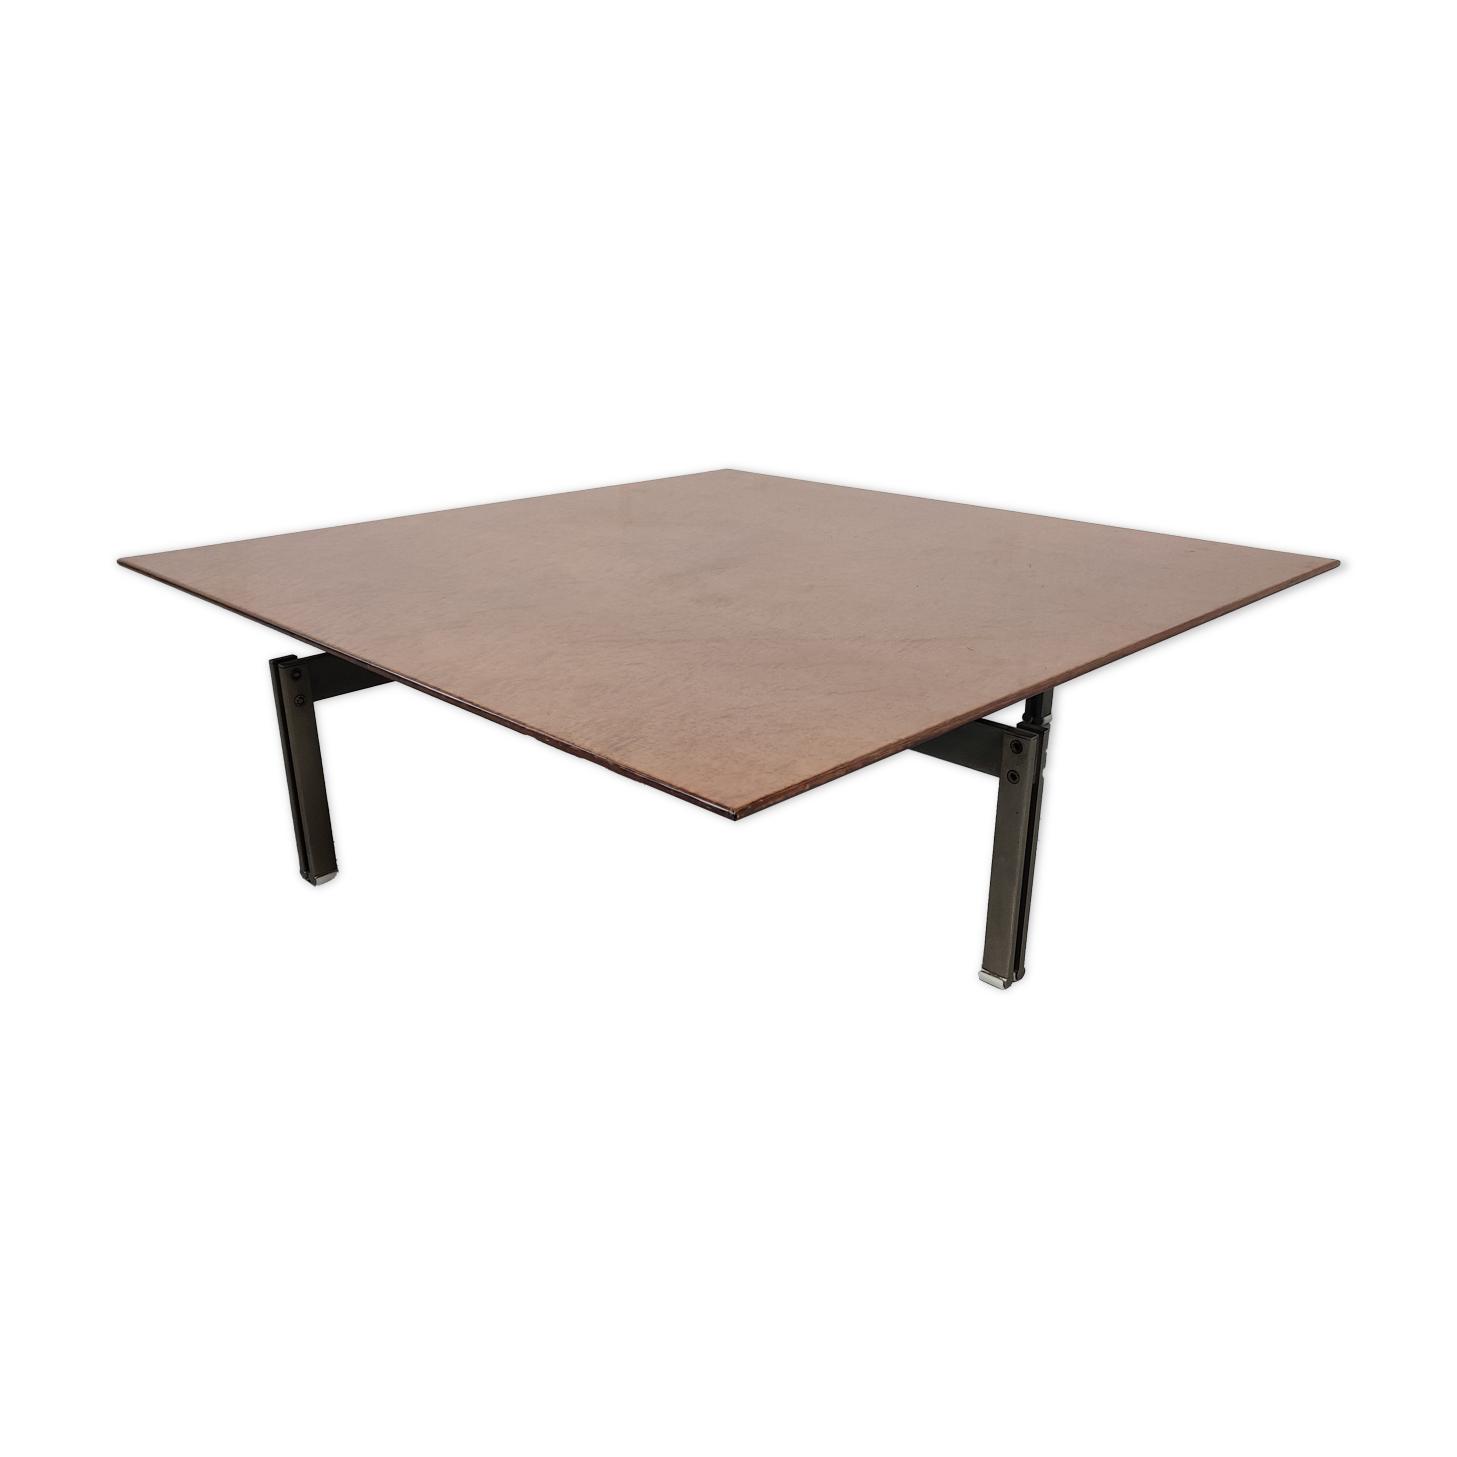 Table Basse Onda par Giovanni Offredi pour Saporiti